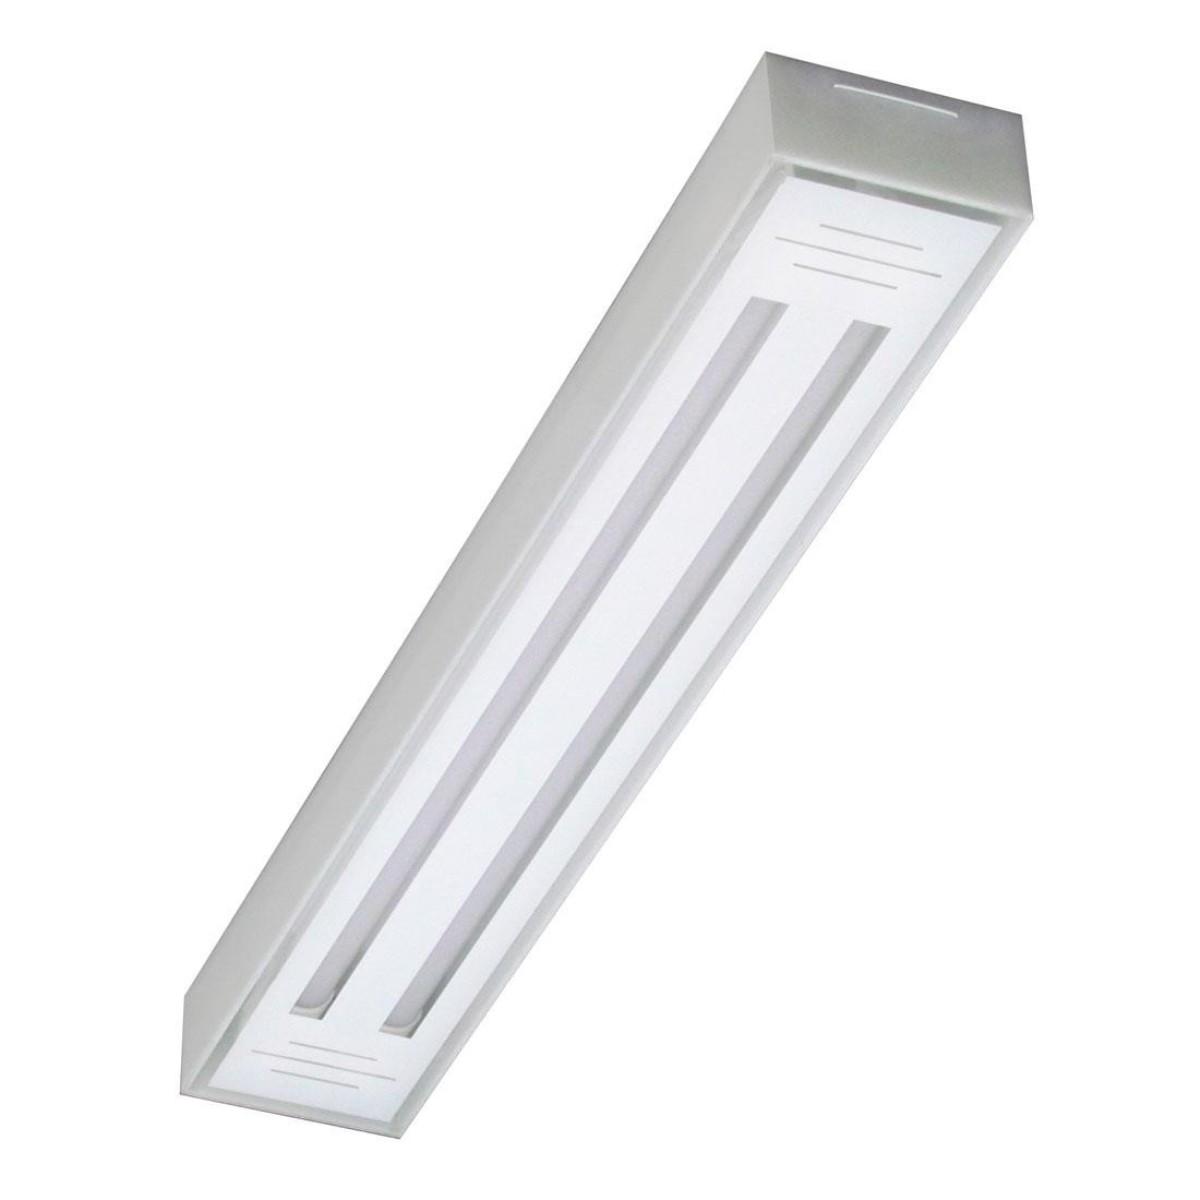 Luminária LED tube 2x120 sobrepor branco Val. 6500k Tualux